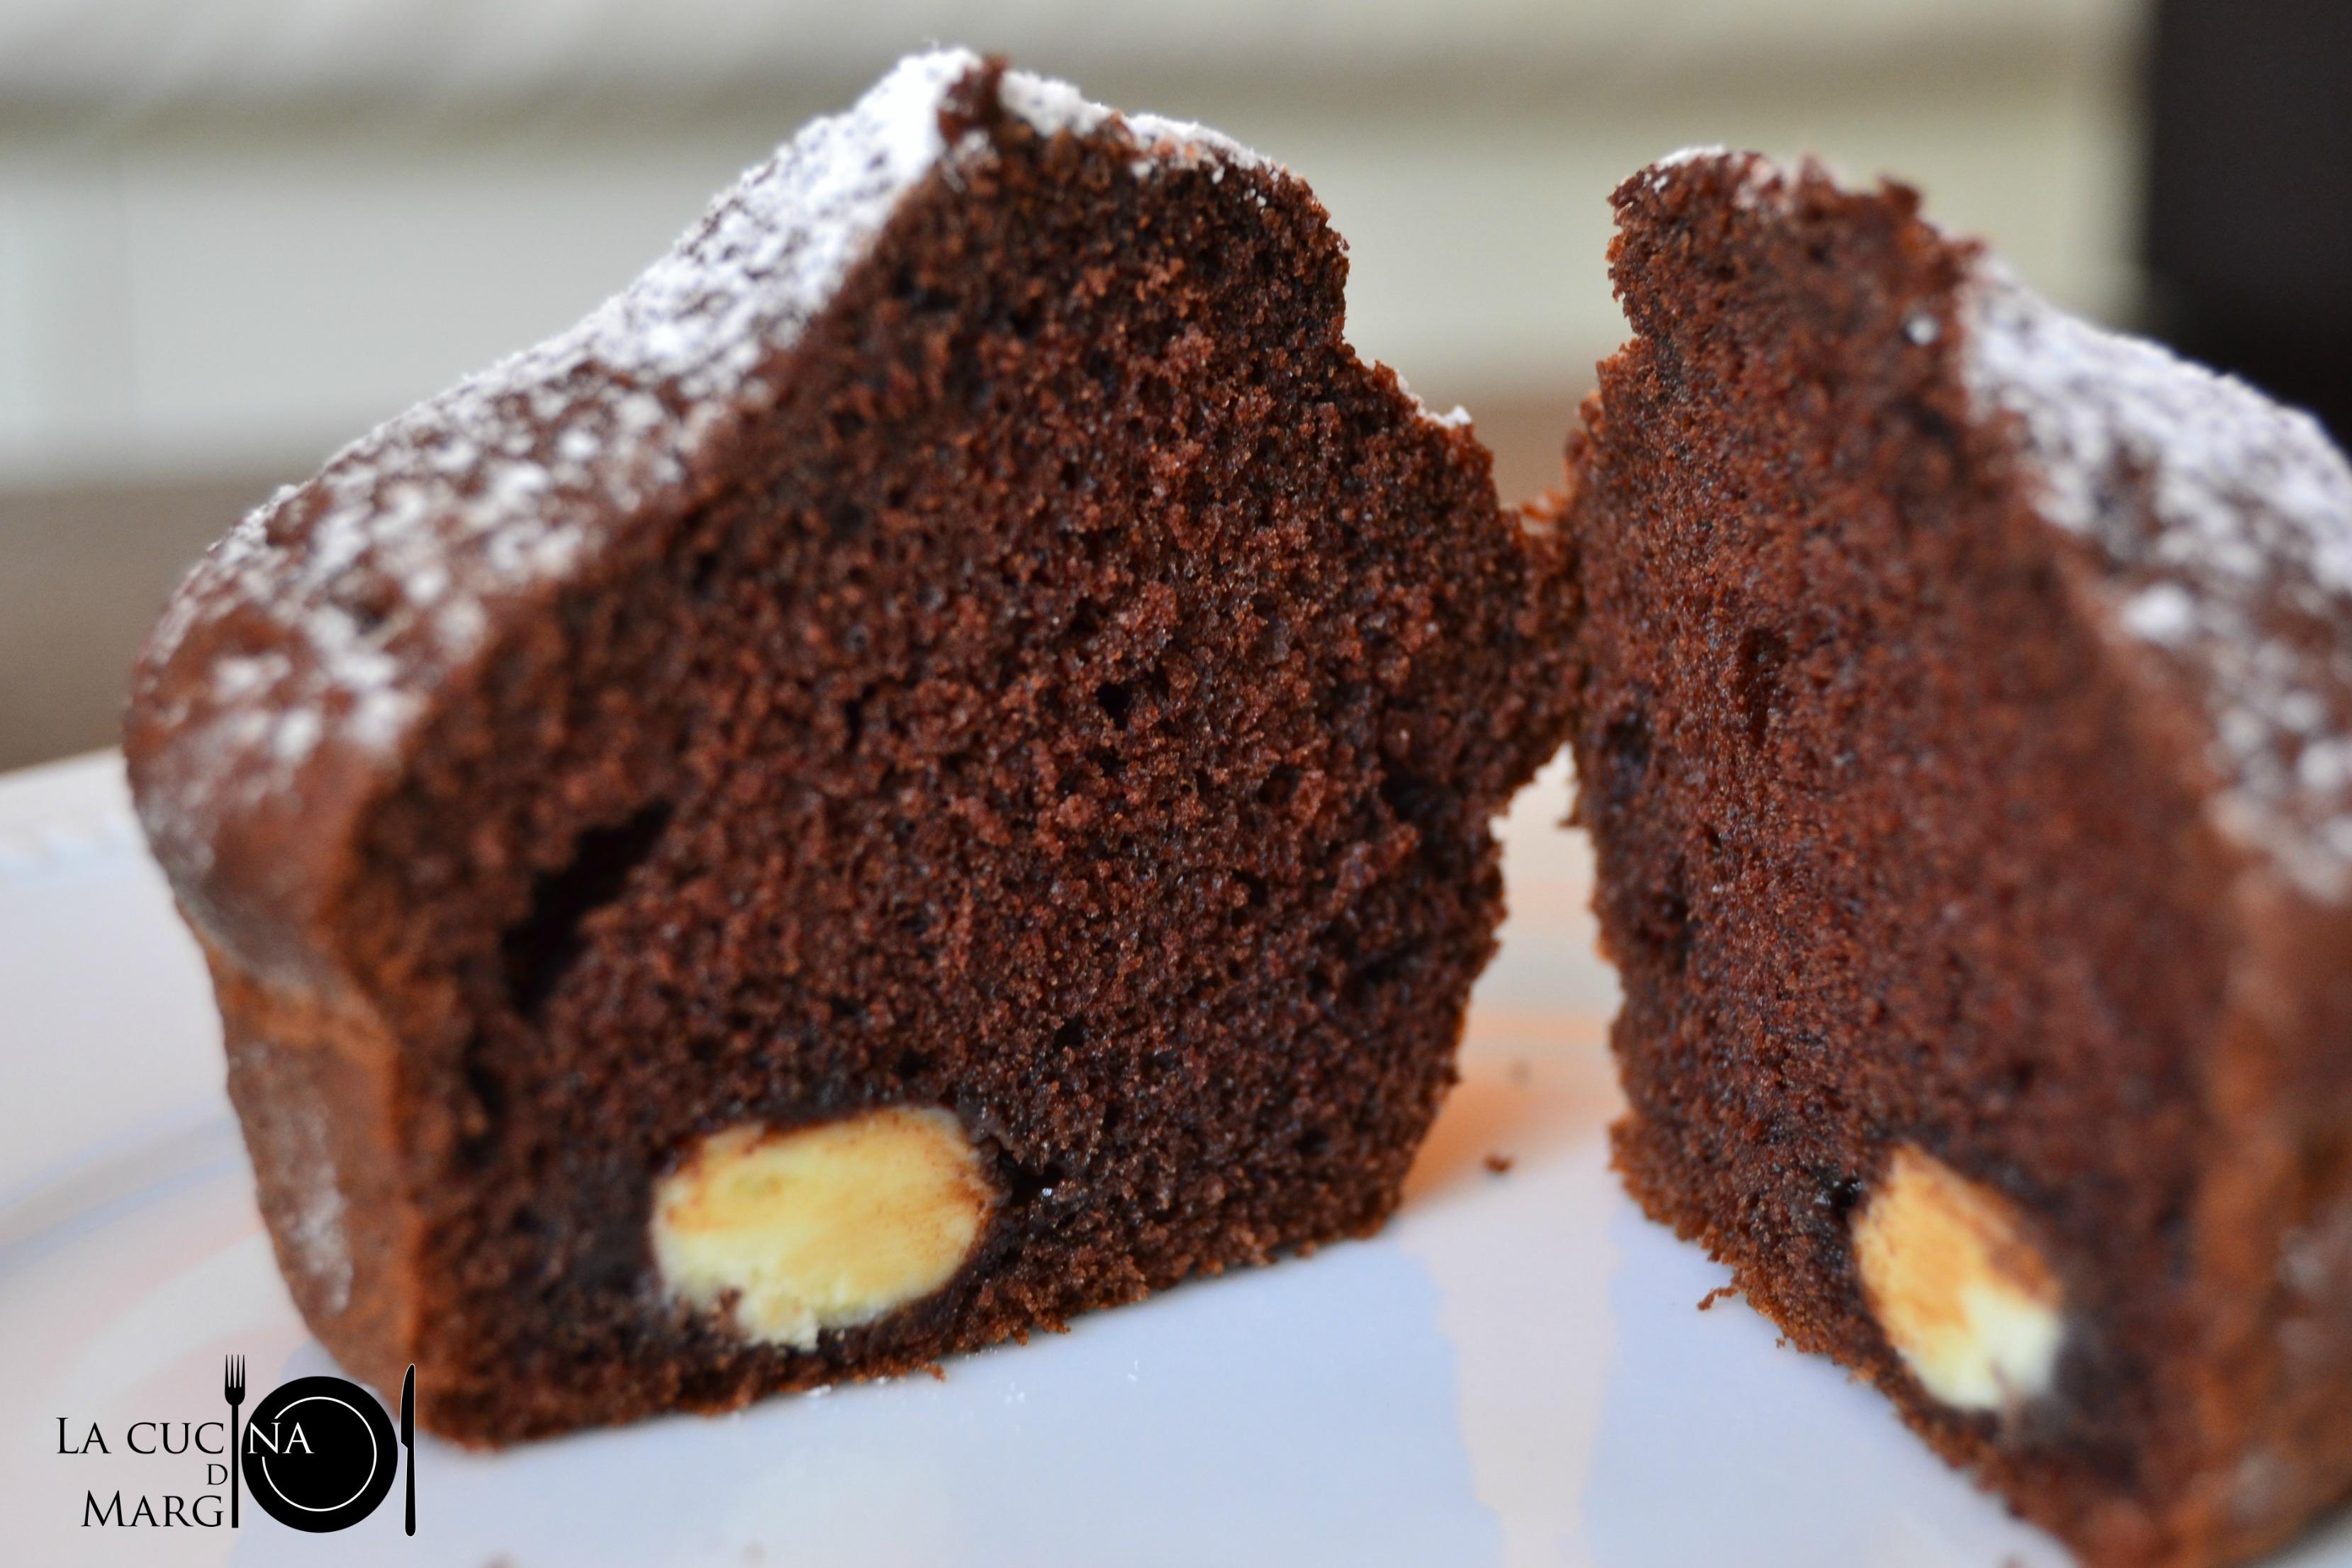 Muffin con sorpresa al cioccolato   03   LOGO   DSC_1533